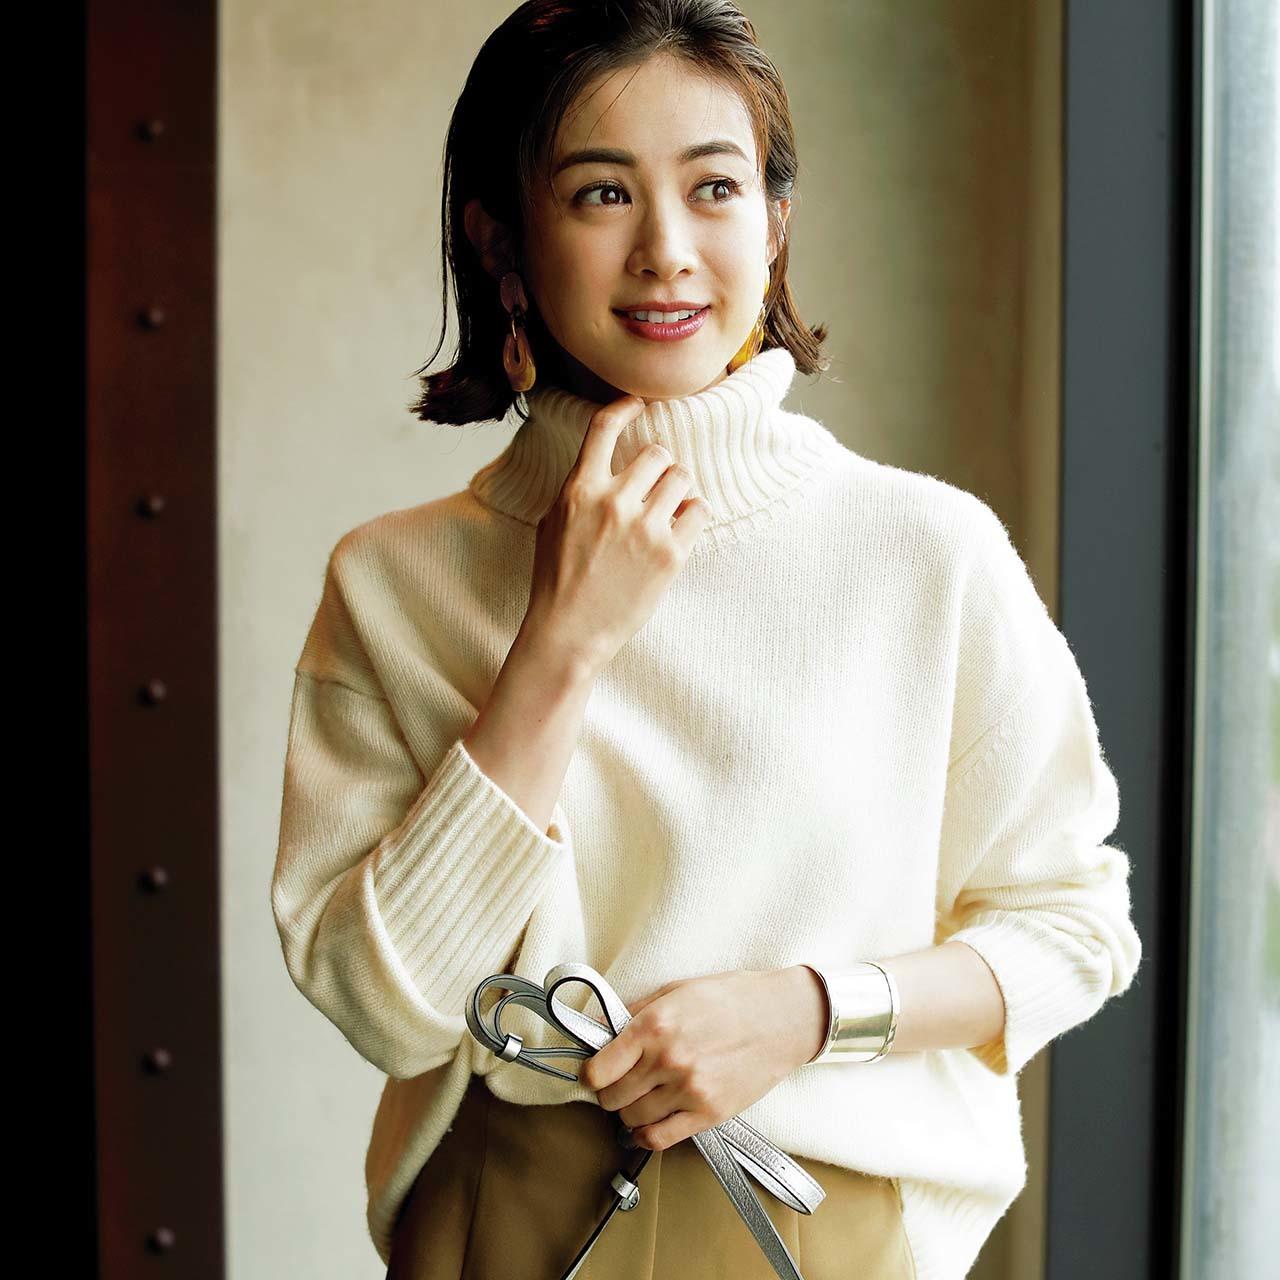 白ボリュームタートルネックニット+大ぶりイヤリングコーデを着たモデルの高垣麗子さん